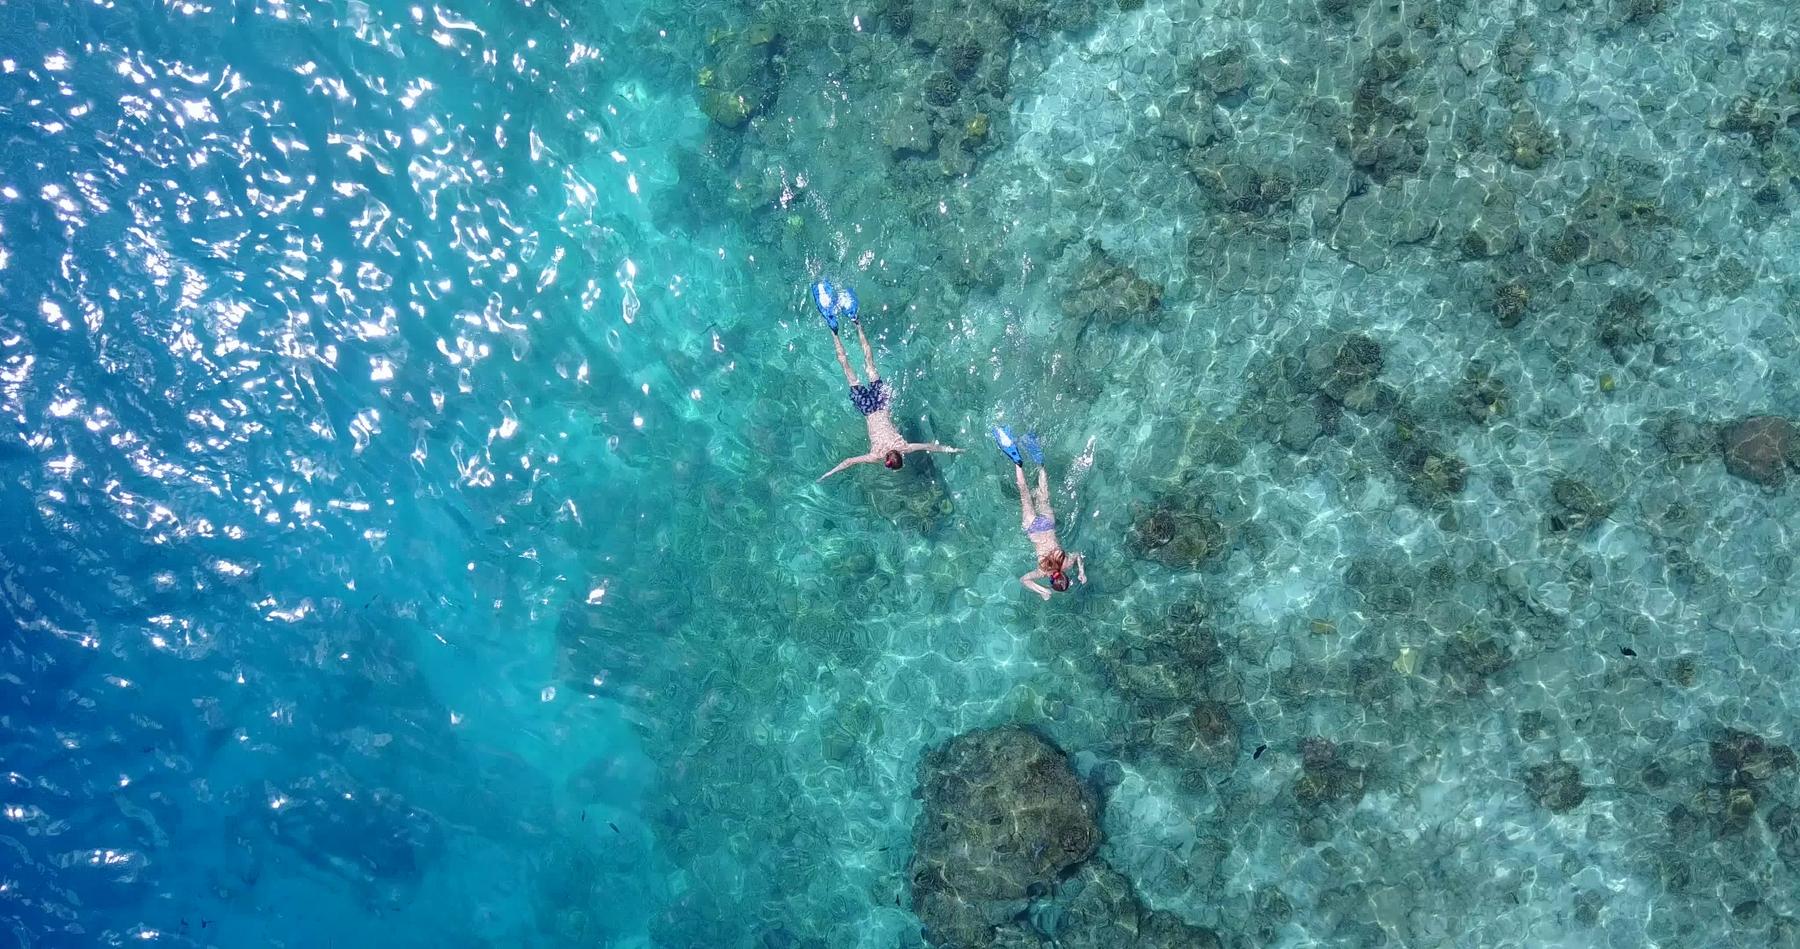 Najlepsze miejsca do nurkowania:  Malediwy